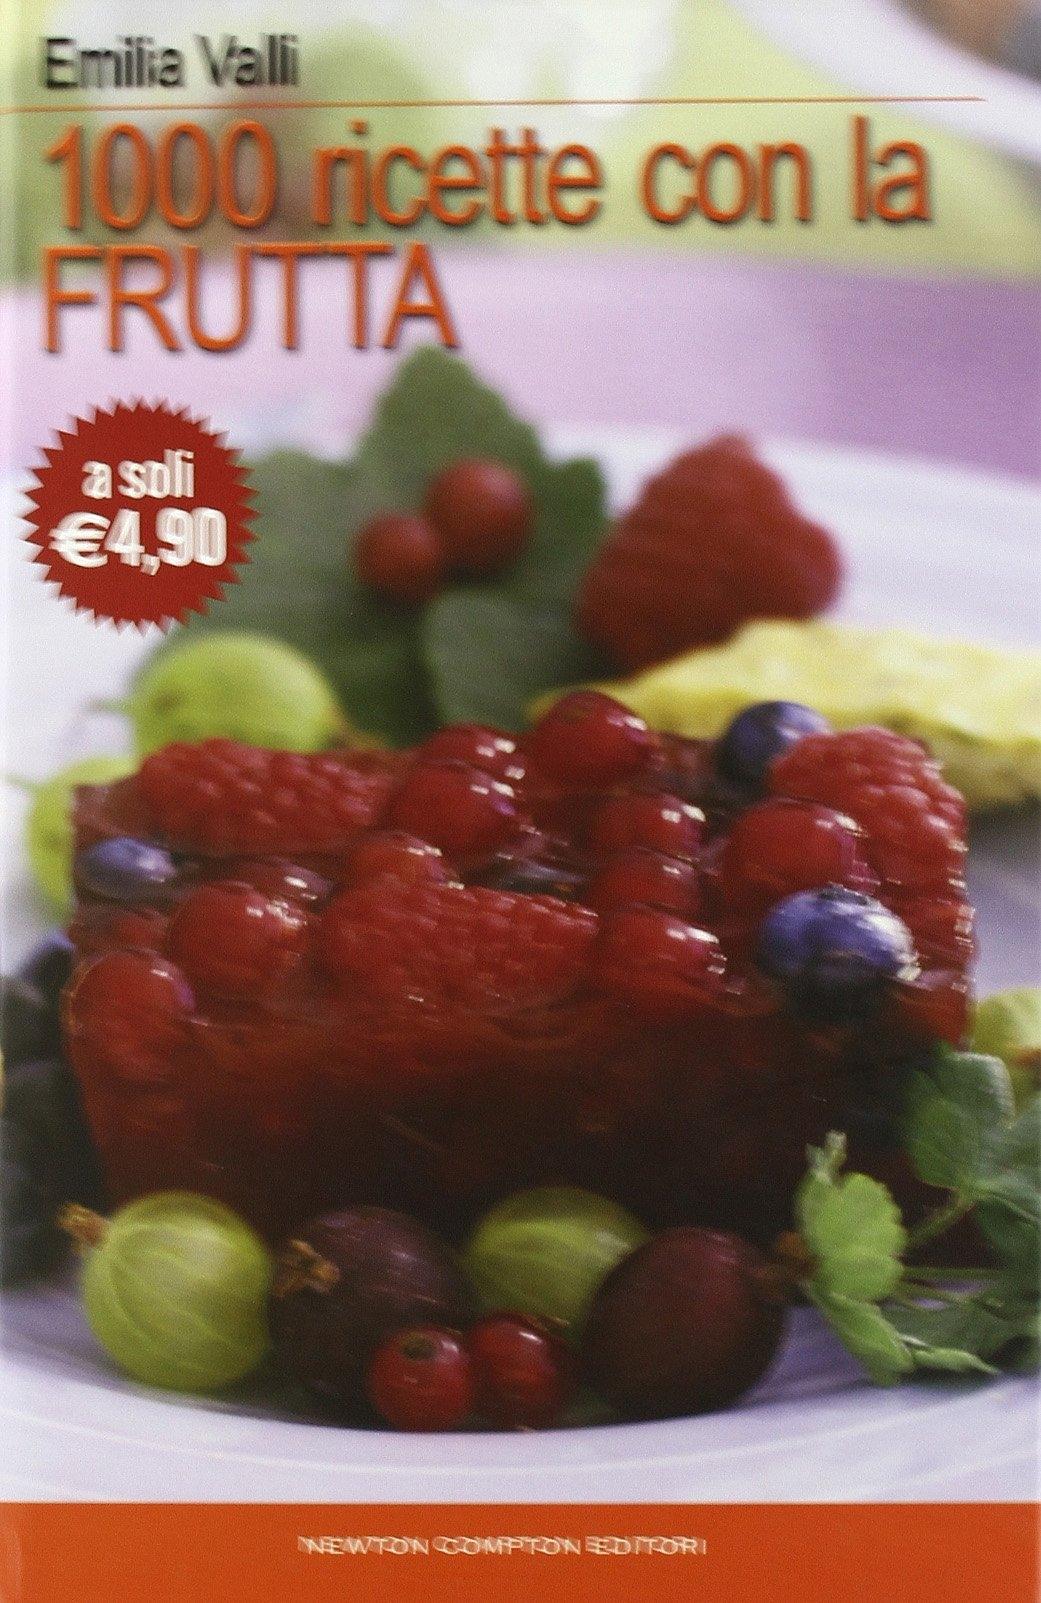 Mille ricette con la frutta - Valli, Emilia